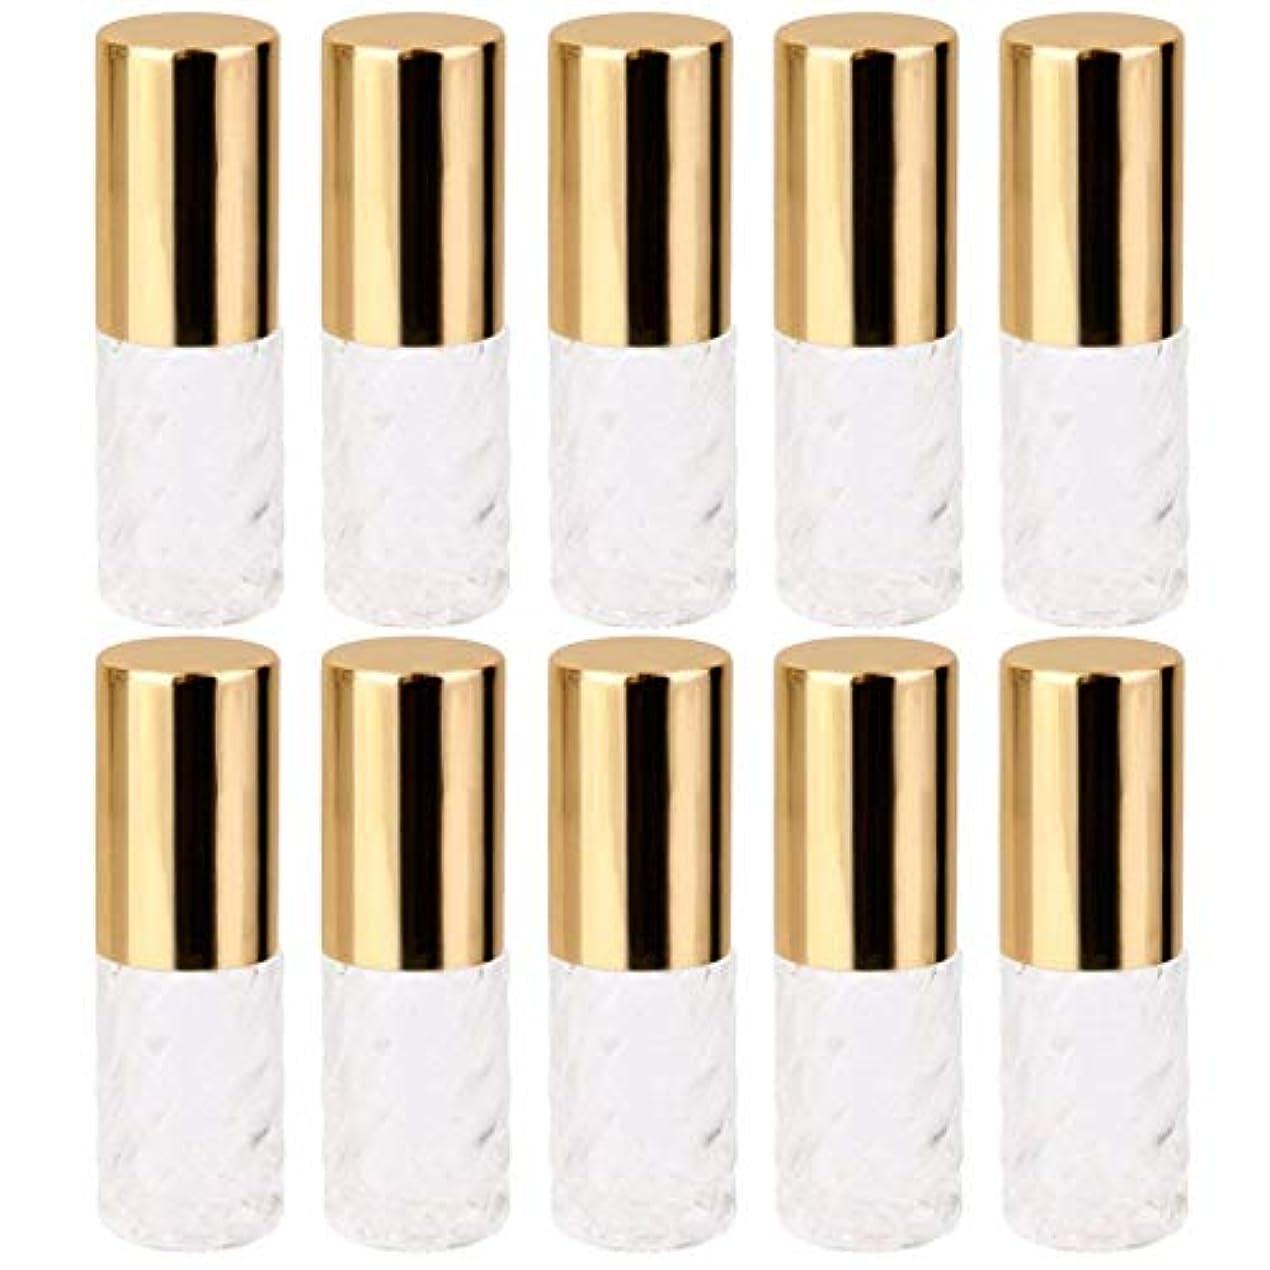 プット漂流でも10個 5ml 透明 交換 旅行 空 ロールオン ガラス 香水瓶 容器 コスメ 詰替え 便利